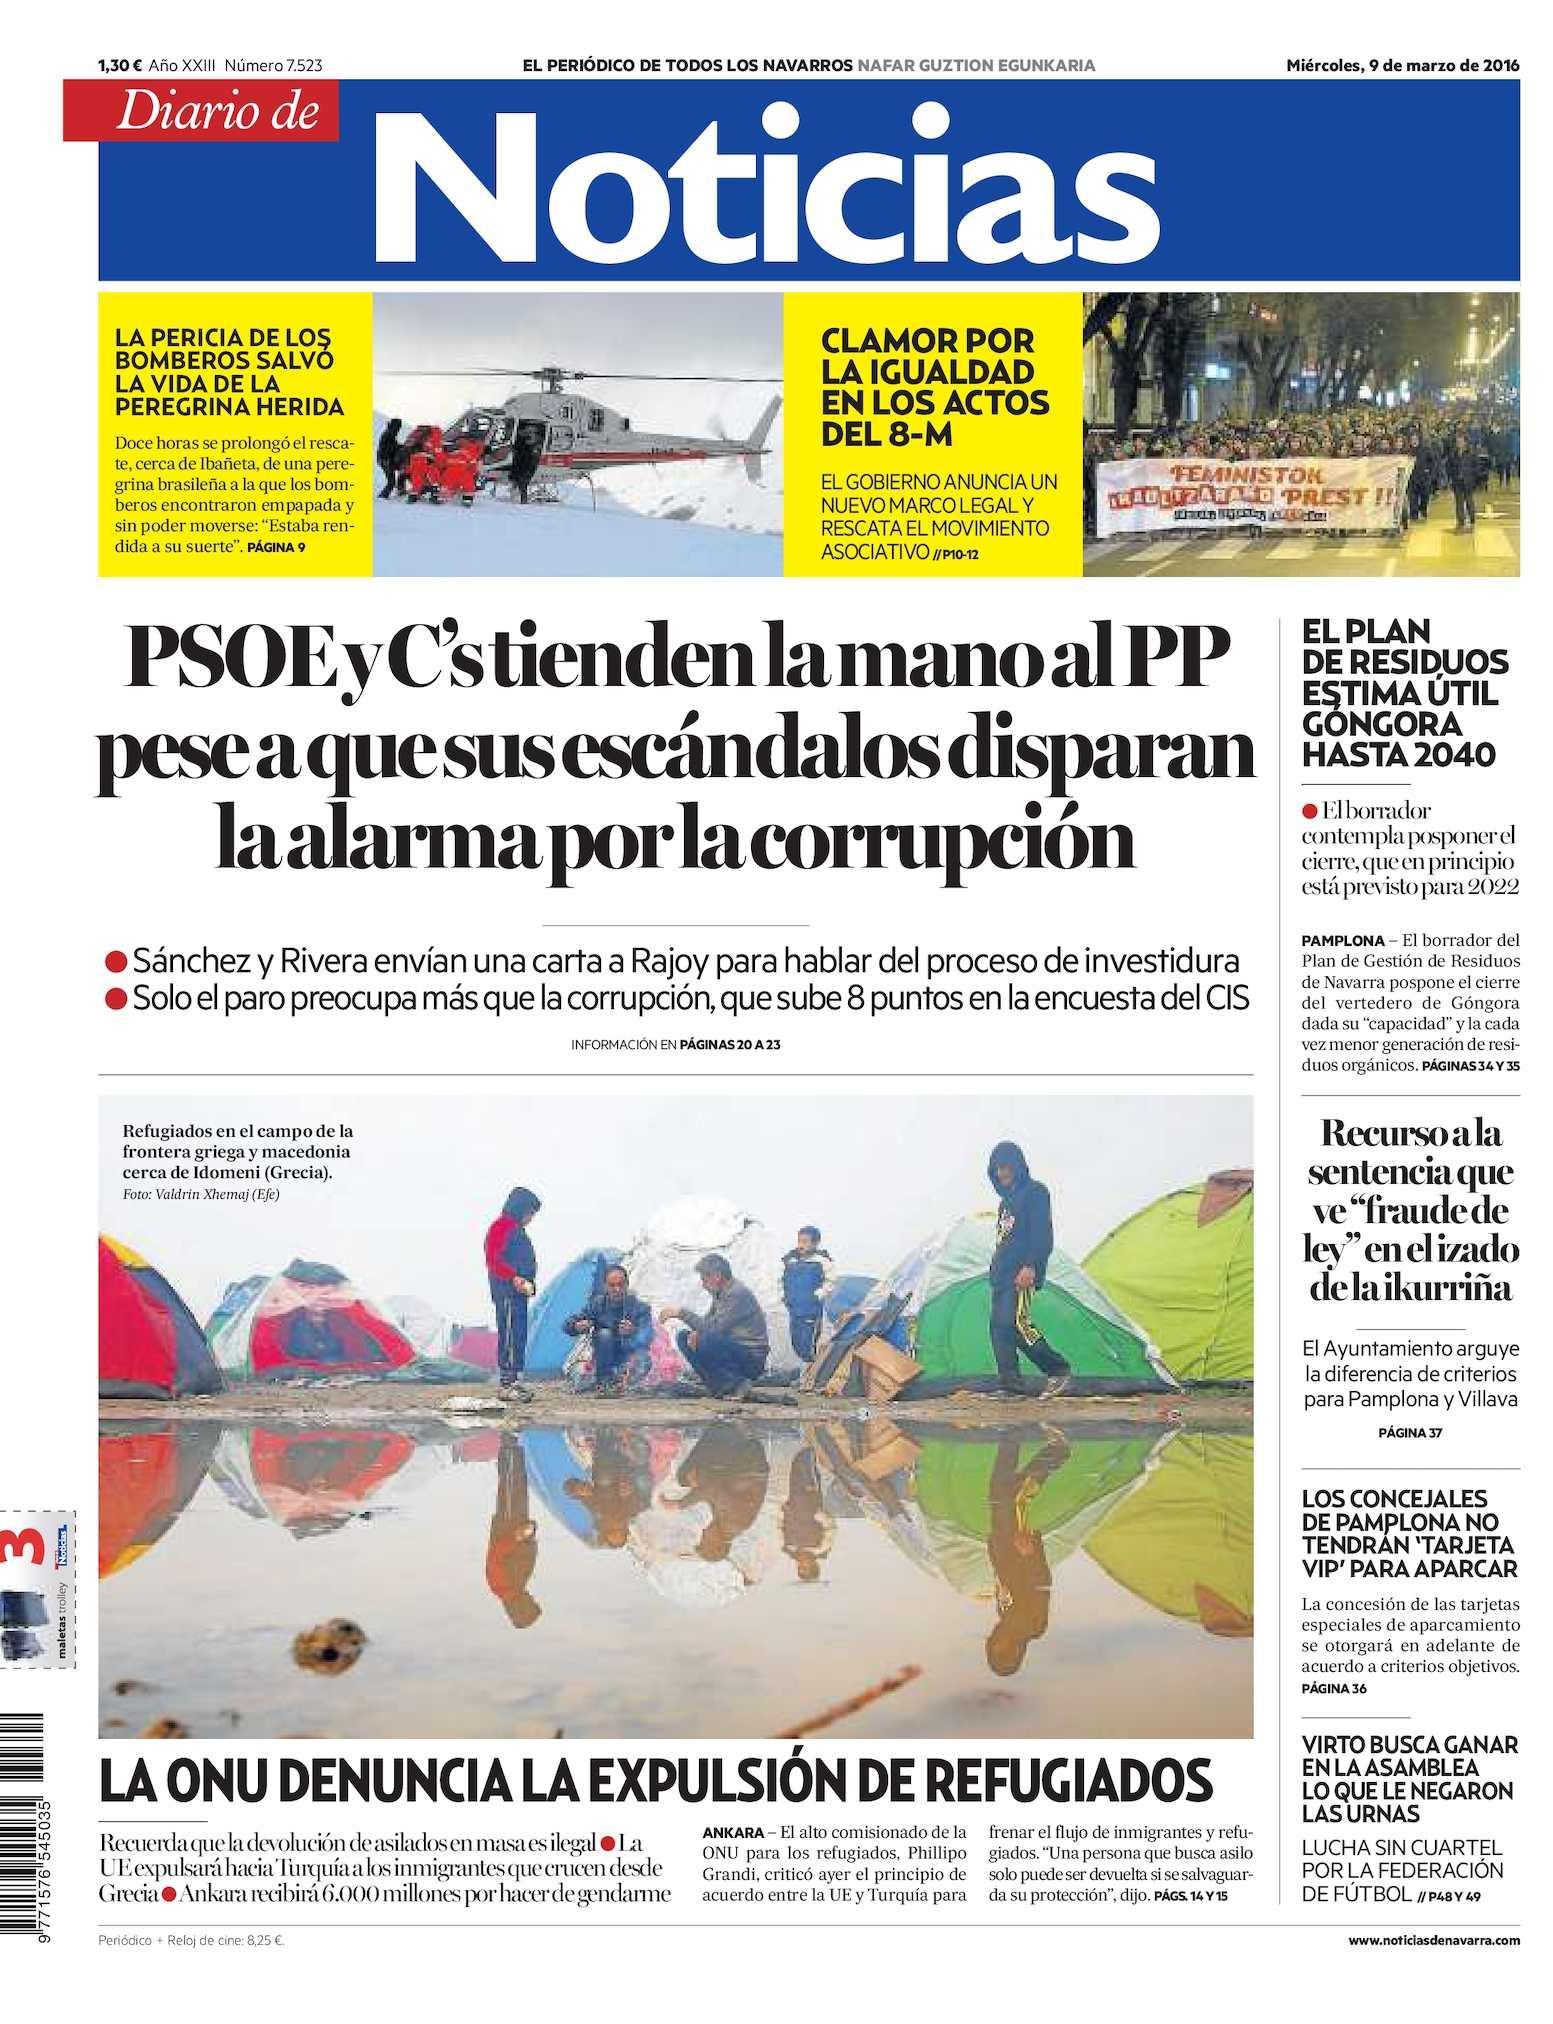 Calaméo - Diario de Noticias 20160309